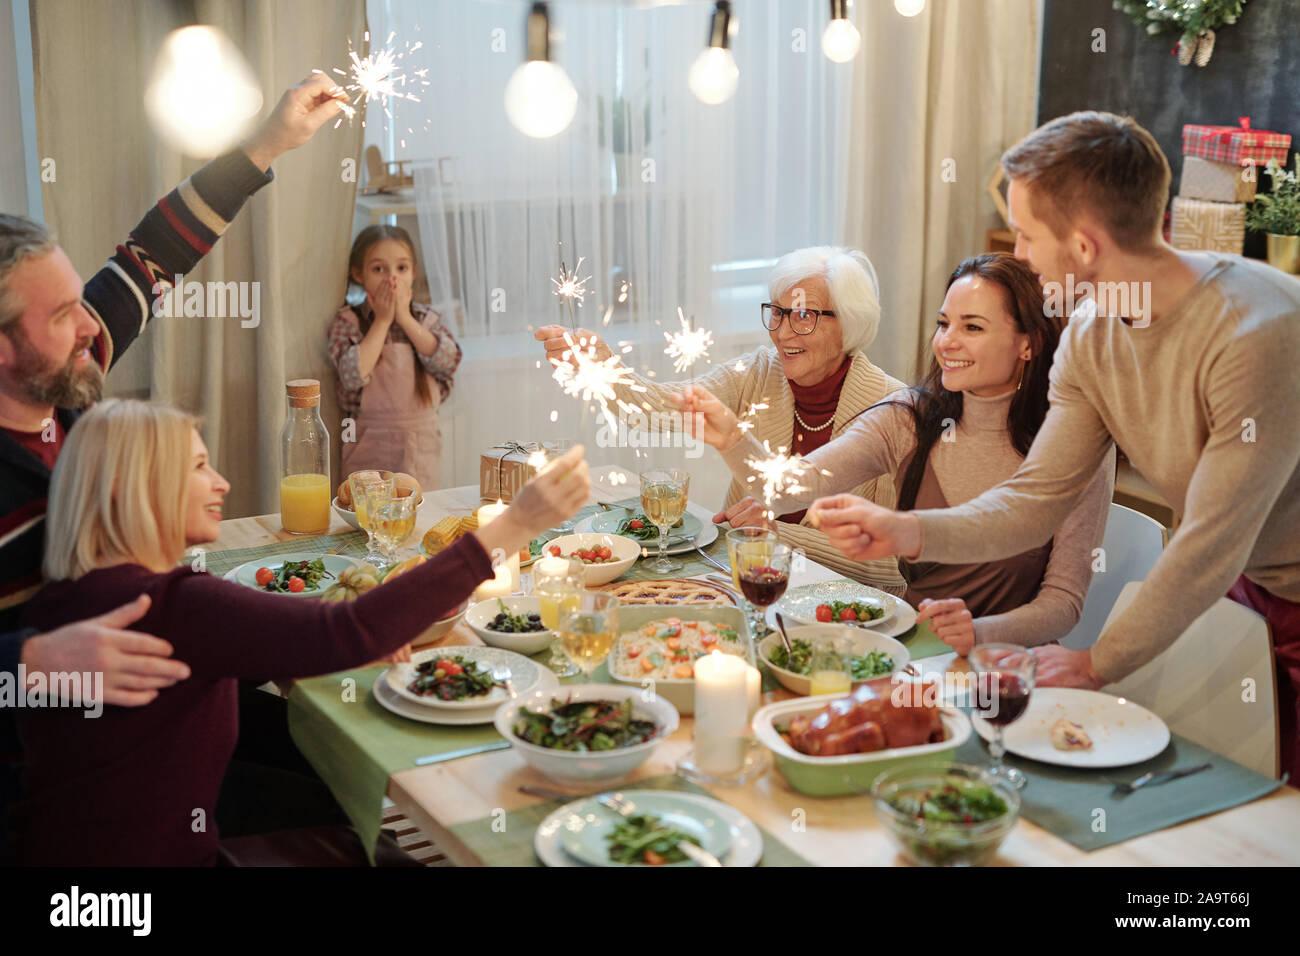 Heureux les jeunes et les adultes avec des feux de Bengale assis par table servi Banque D'Images